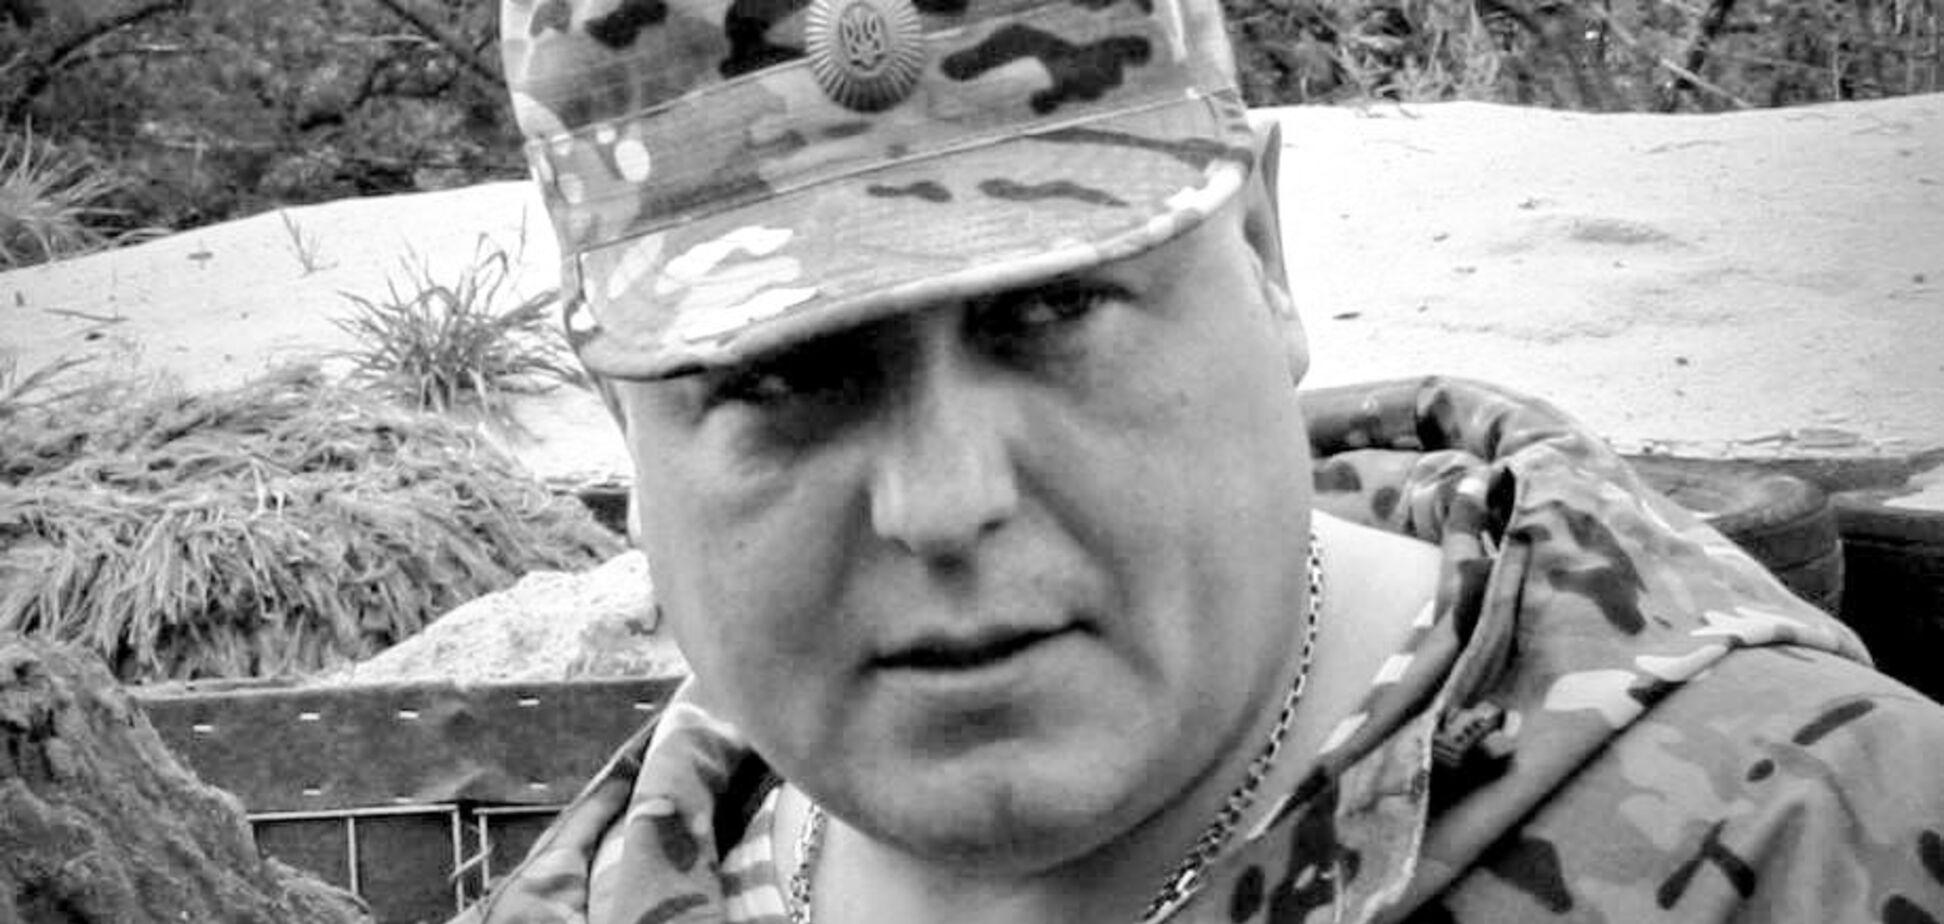 Комбат Губанов погиб от взрыва мины на Донбассе: Аваков рассказал детали